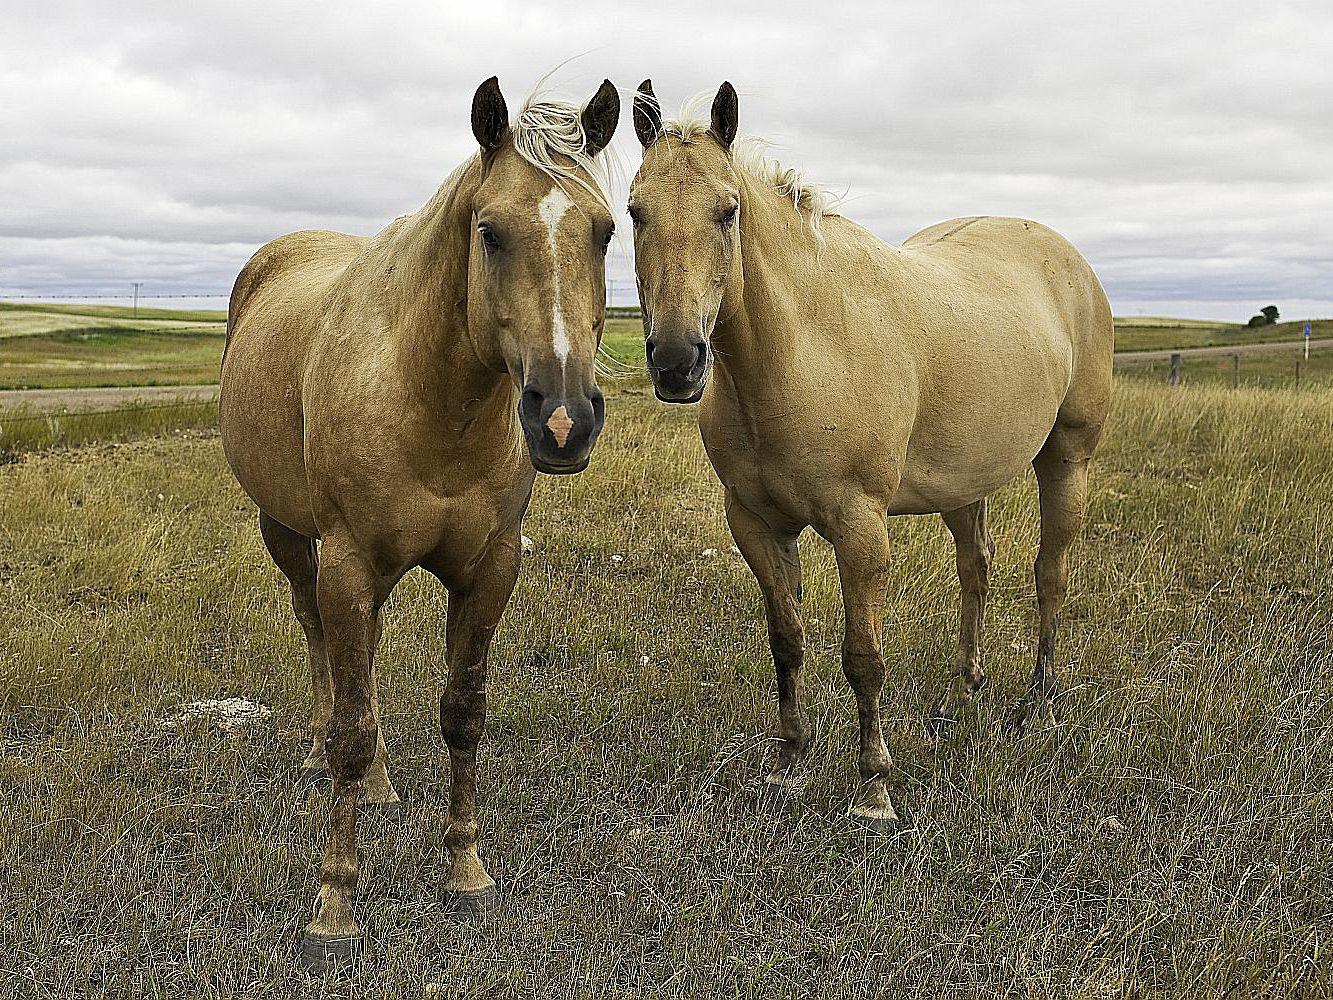 حصان الربع الأمريكي